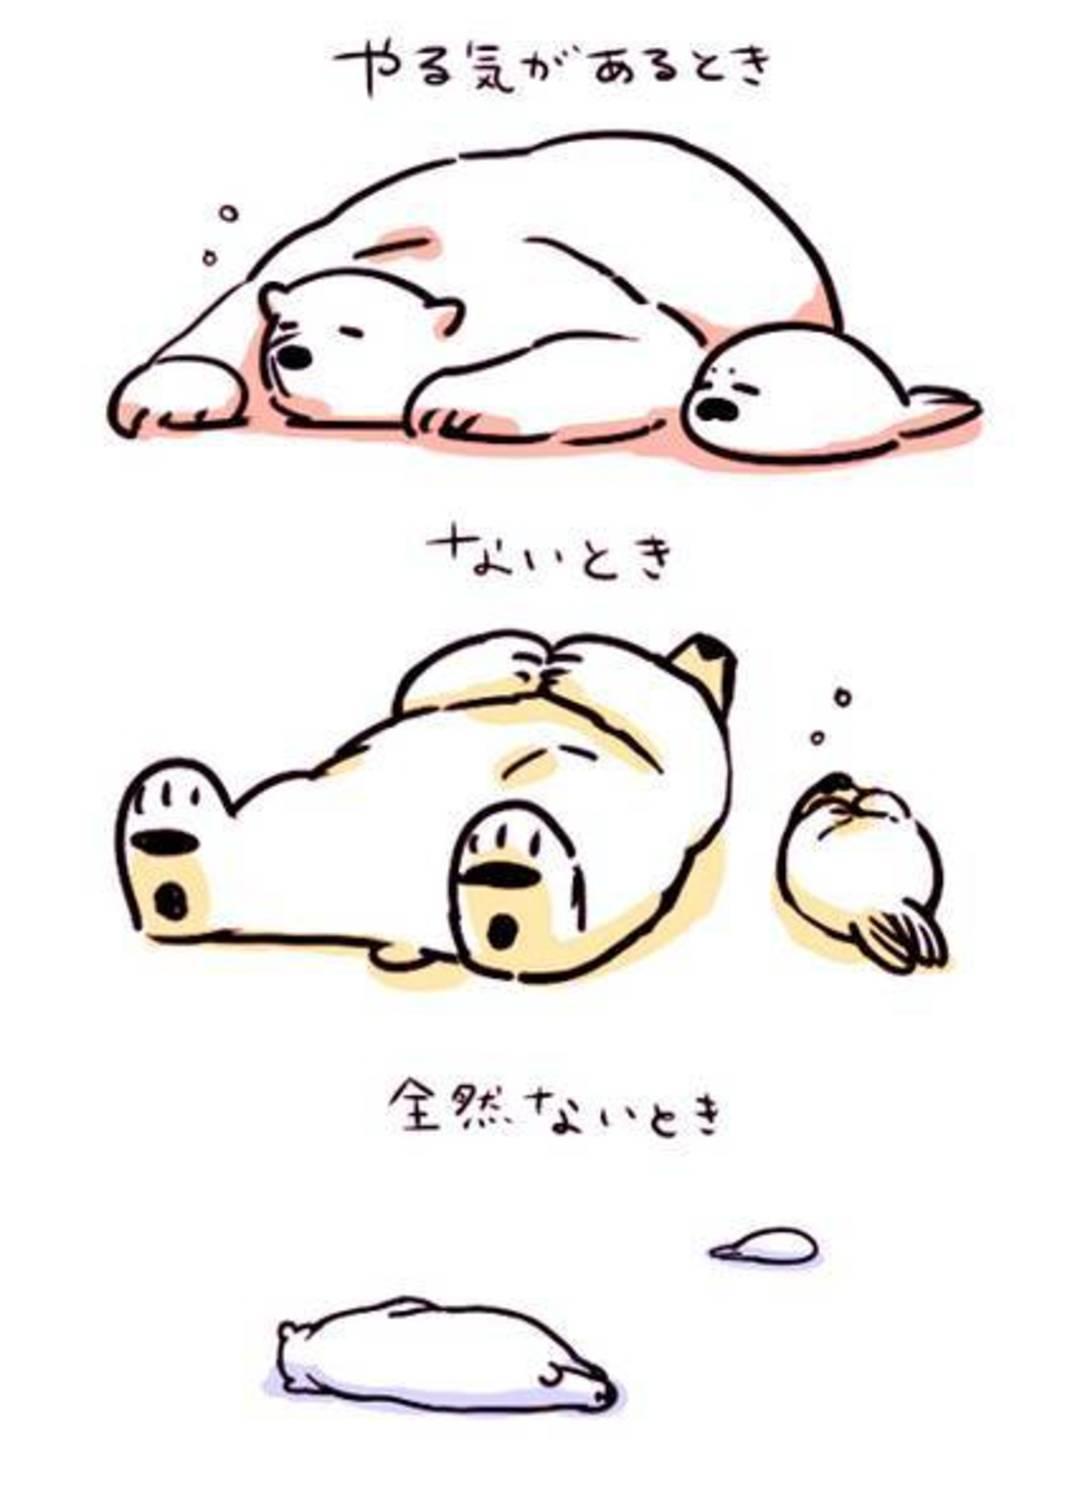 搞笑日漫 谈恋爱的白熊 拍动画,白熊的对象是海豹